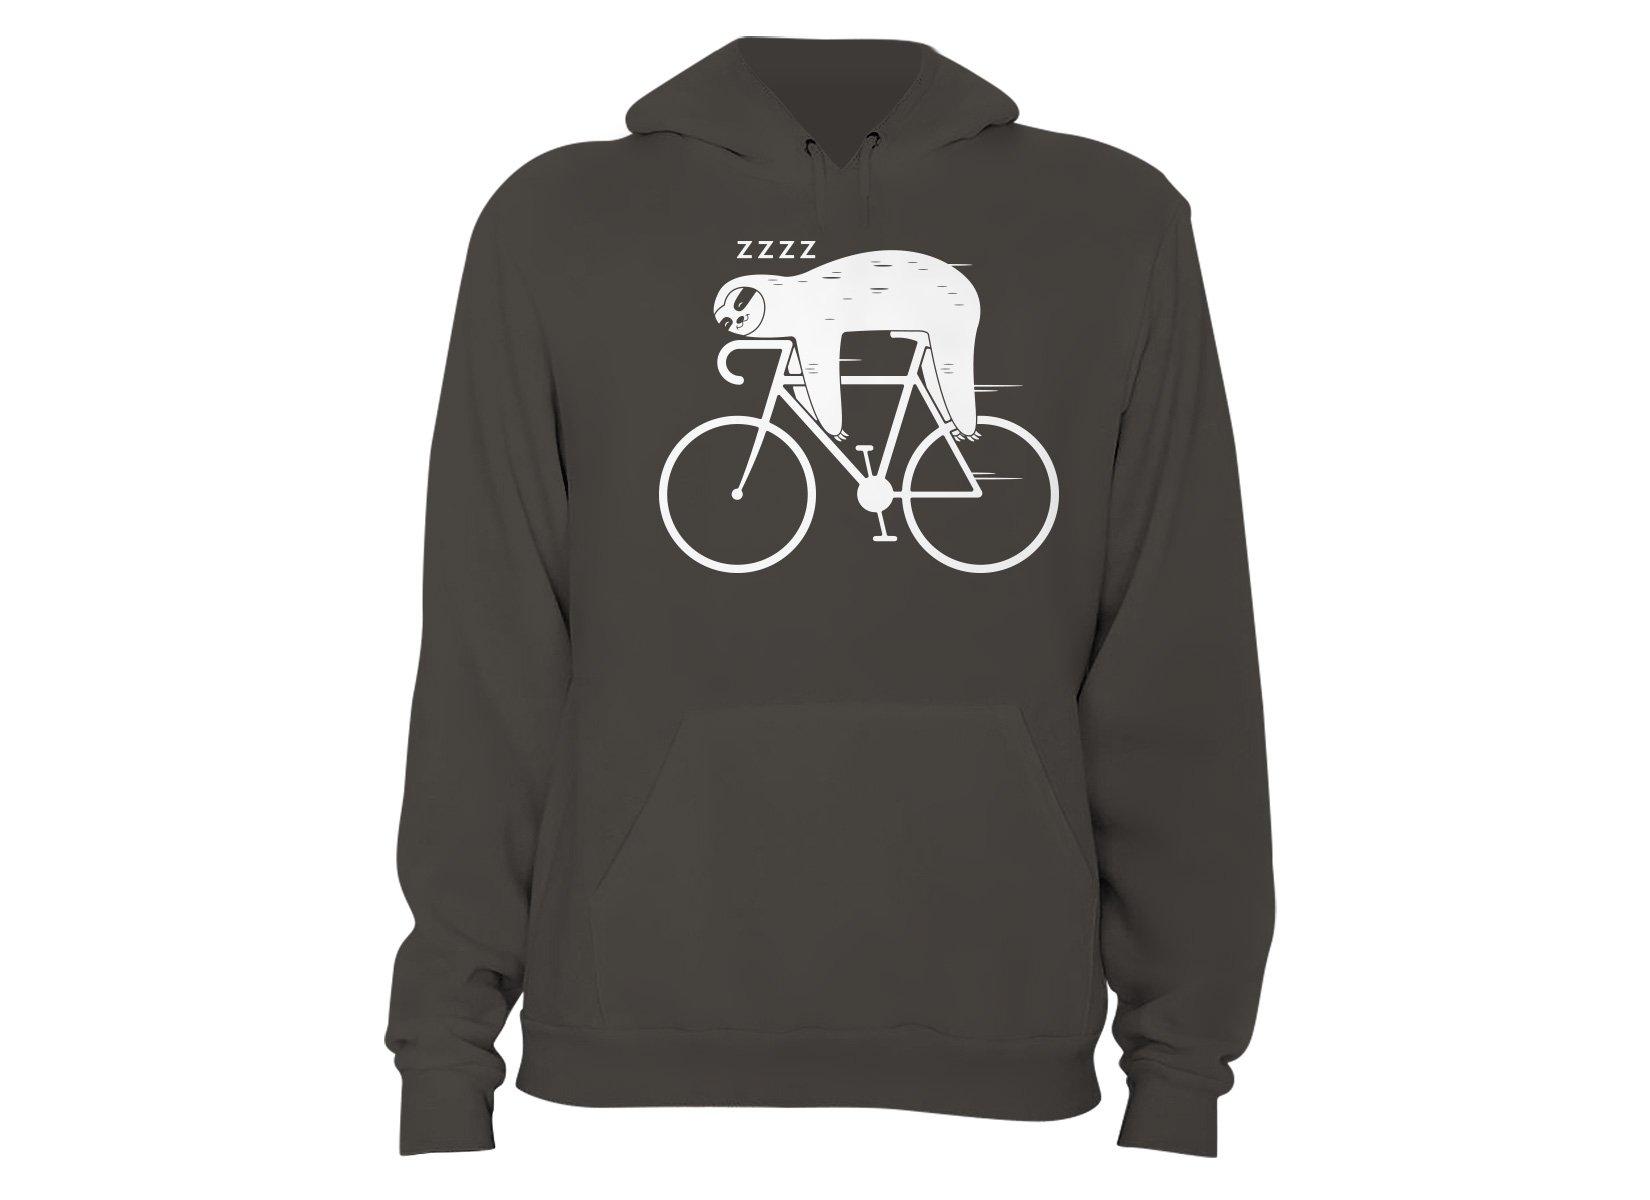 Slow Rider on Hoodie